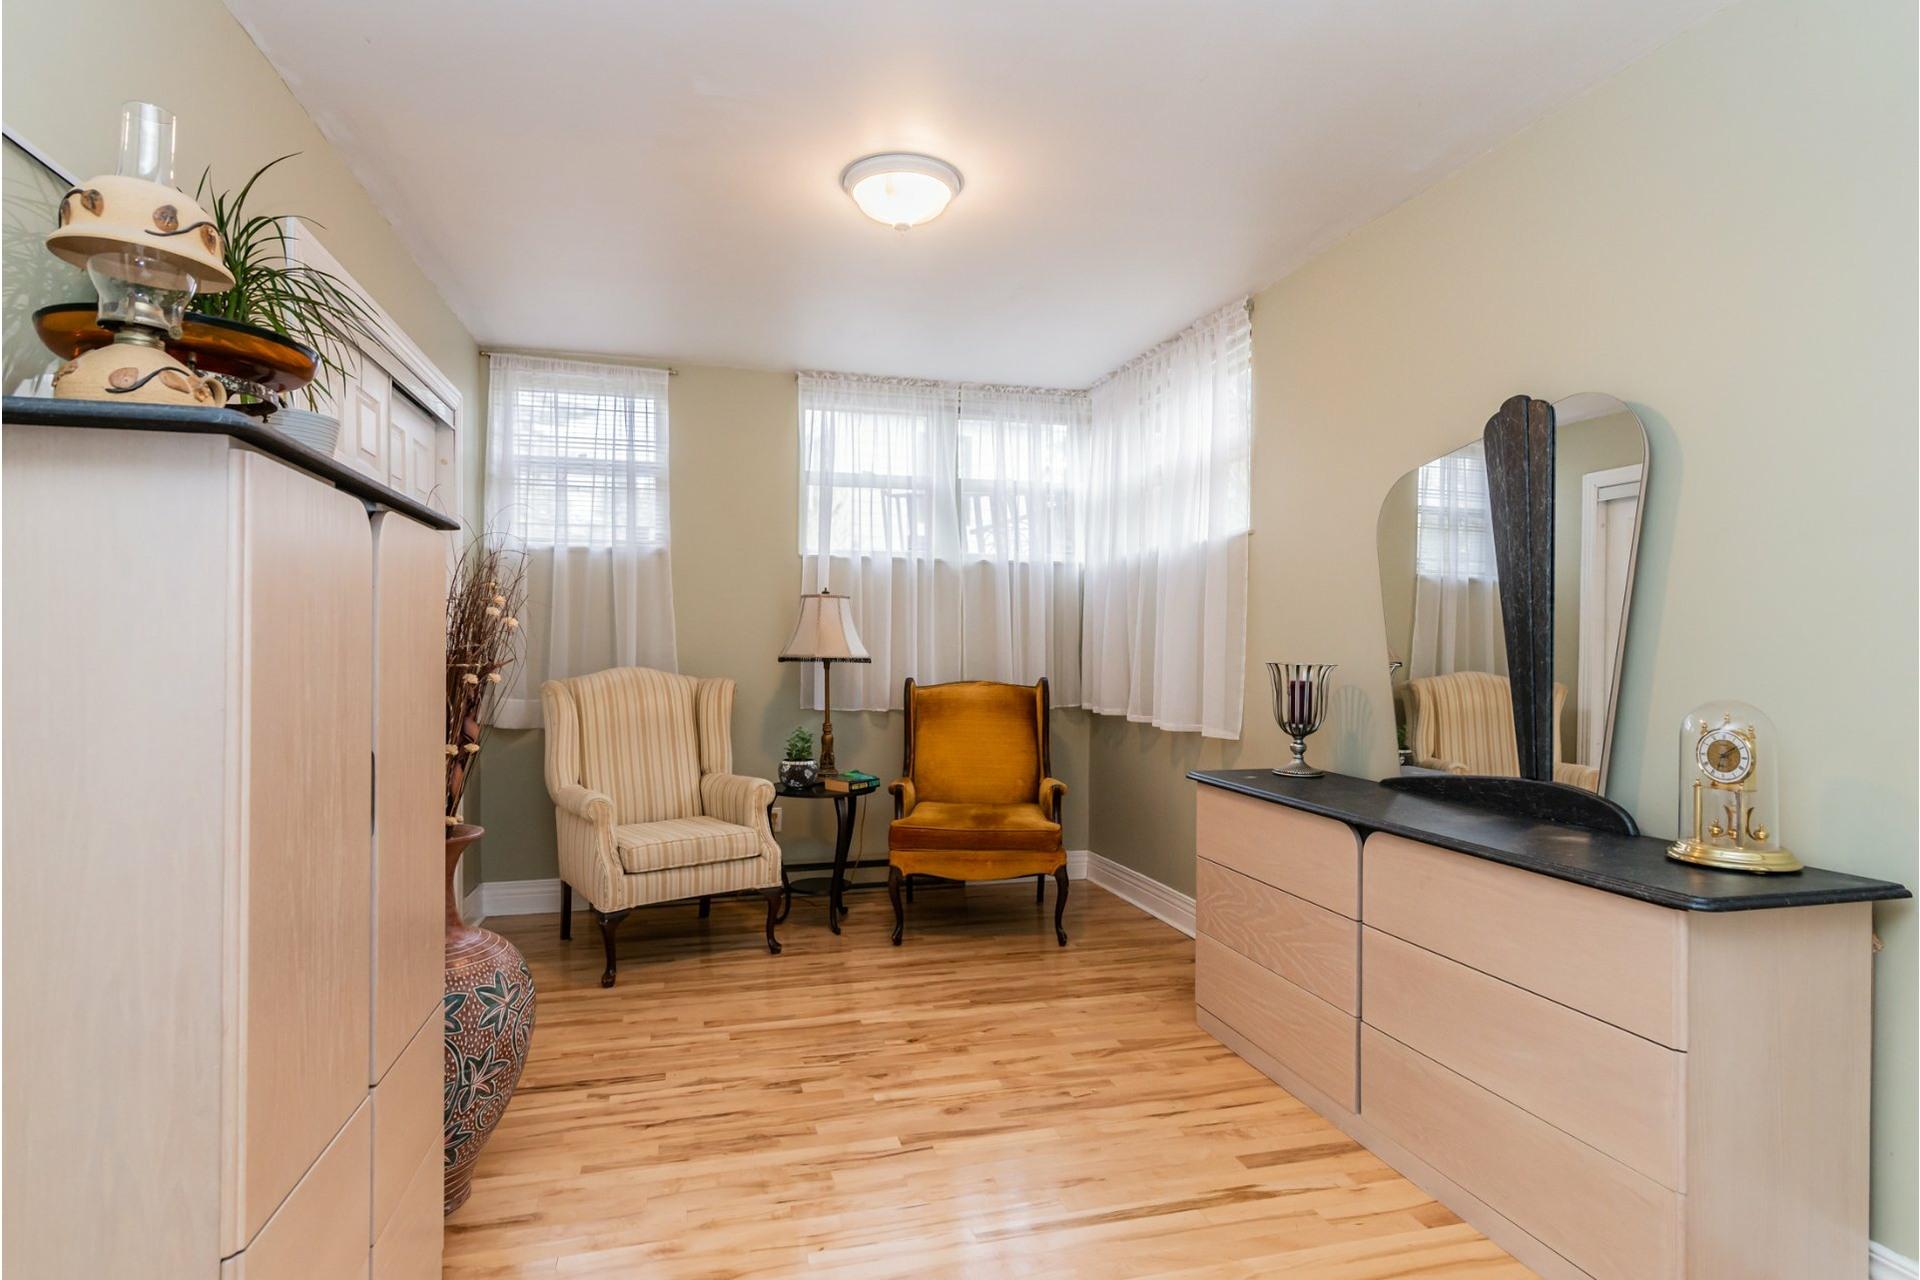 image 22 - Maison À vendre Pierrefonds-Roxboro Montréal  - 11 pièces